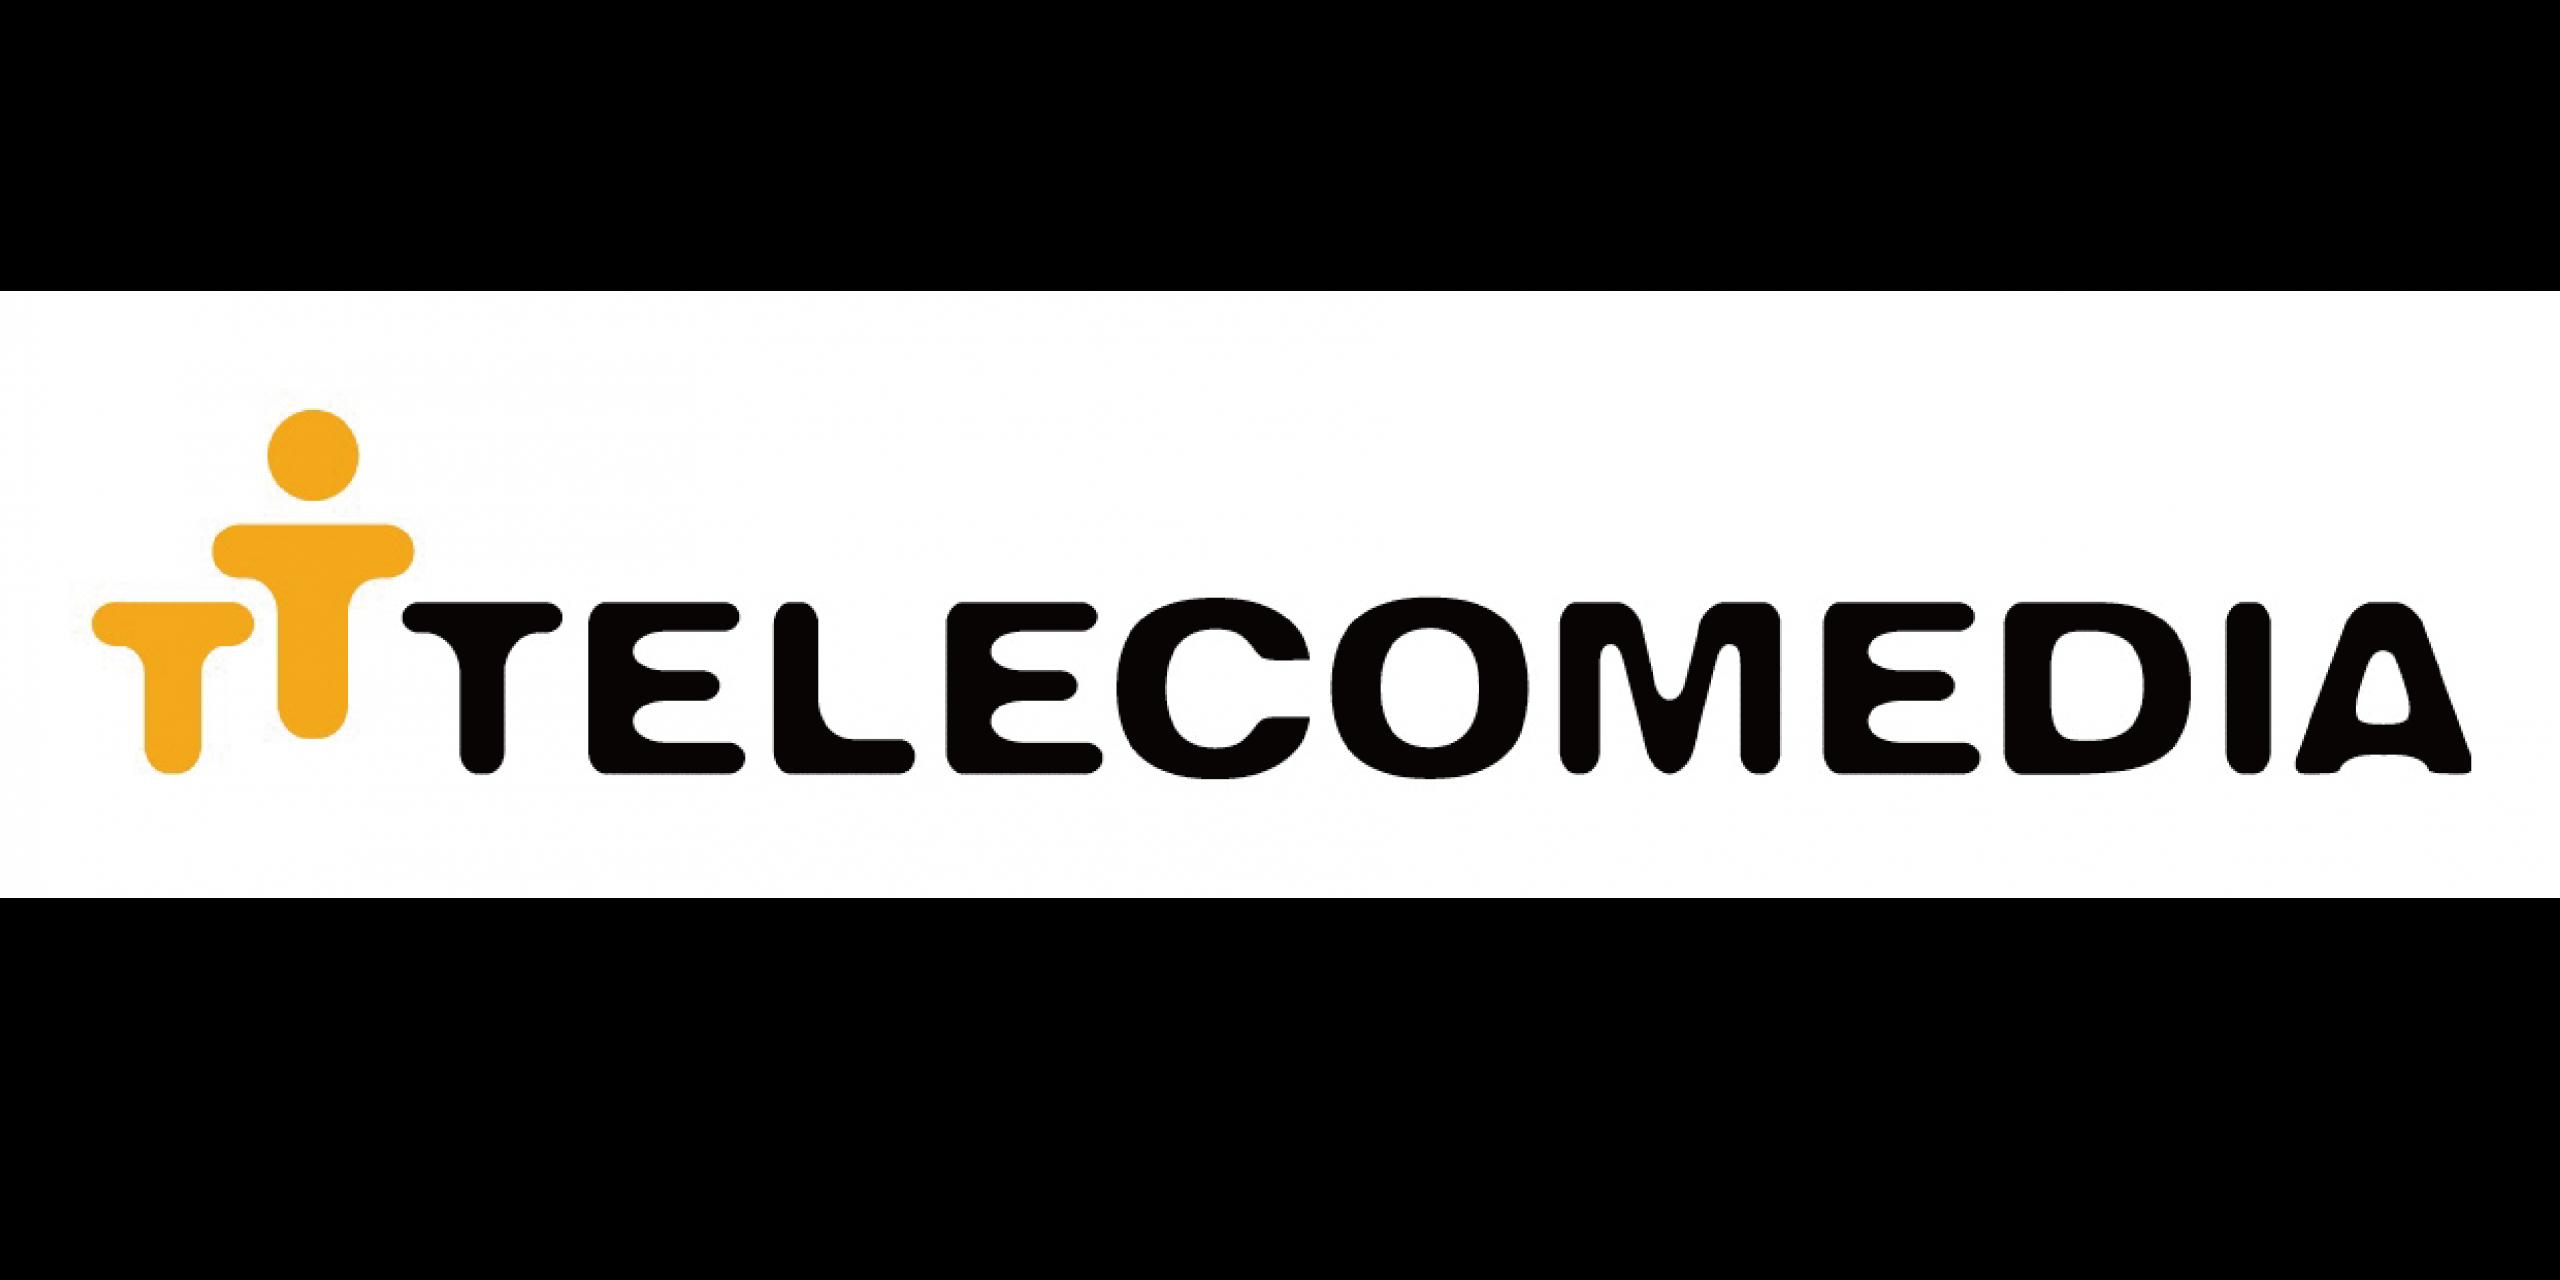 Telecommedia-logo